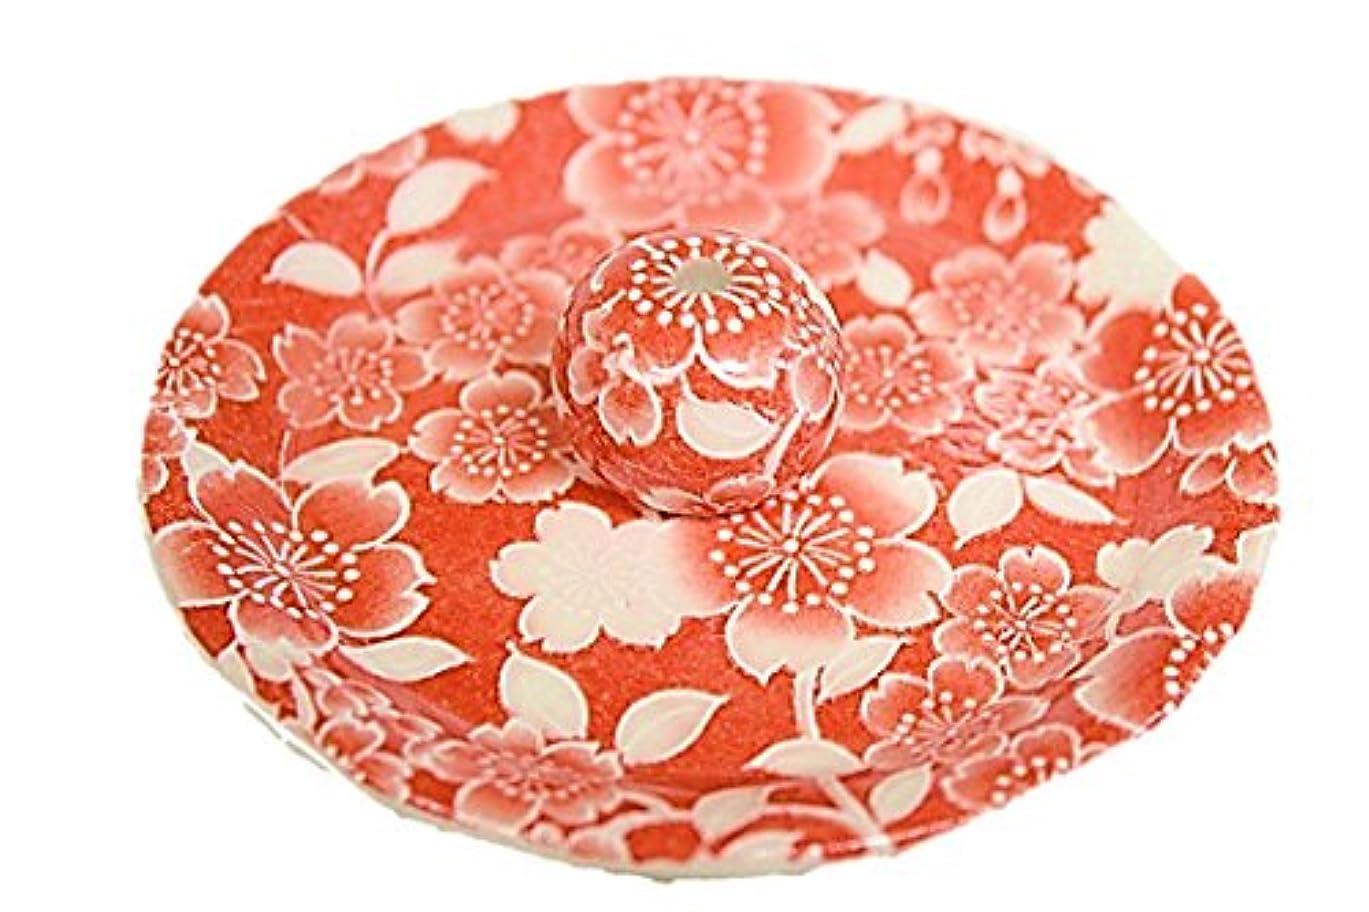 不誠実できるひねり9-27 桜友禅 赤 9cm香皿 お香立て お香たて 陶器 日本製 製造 直売